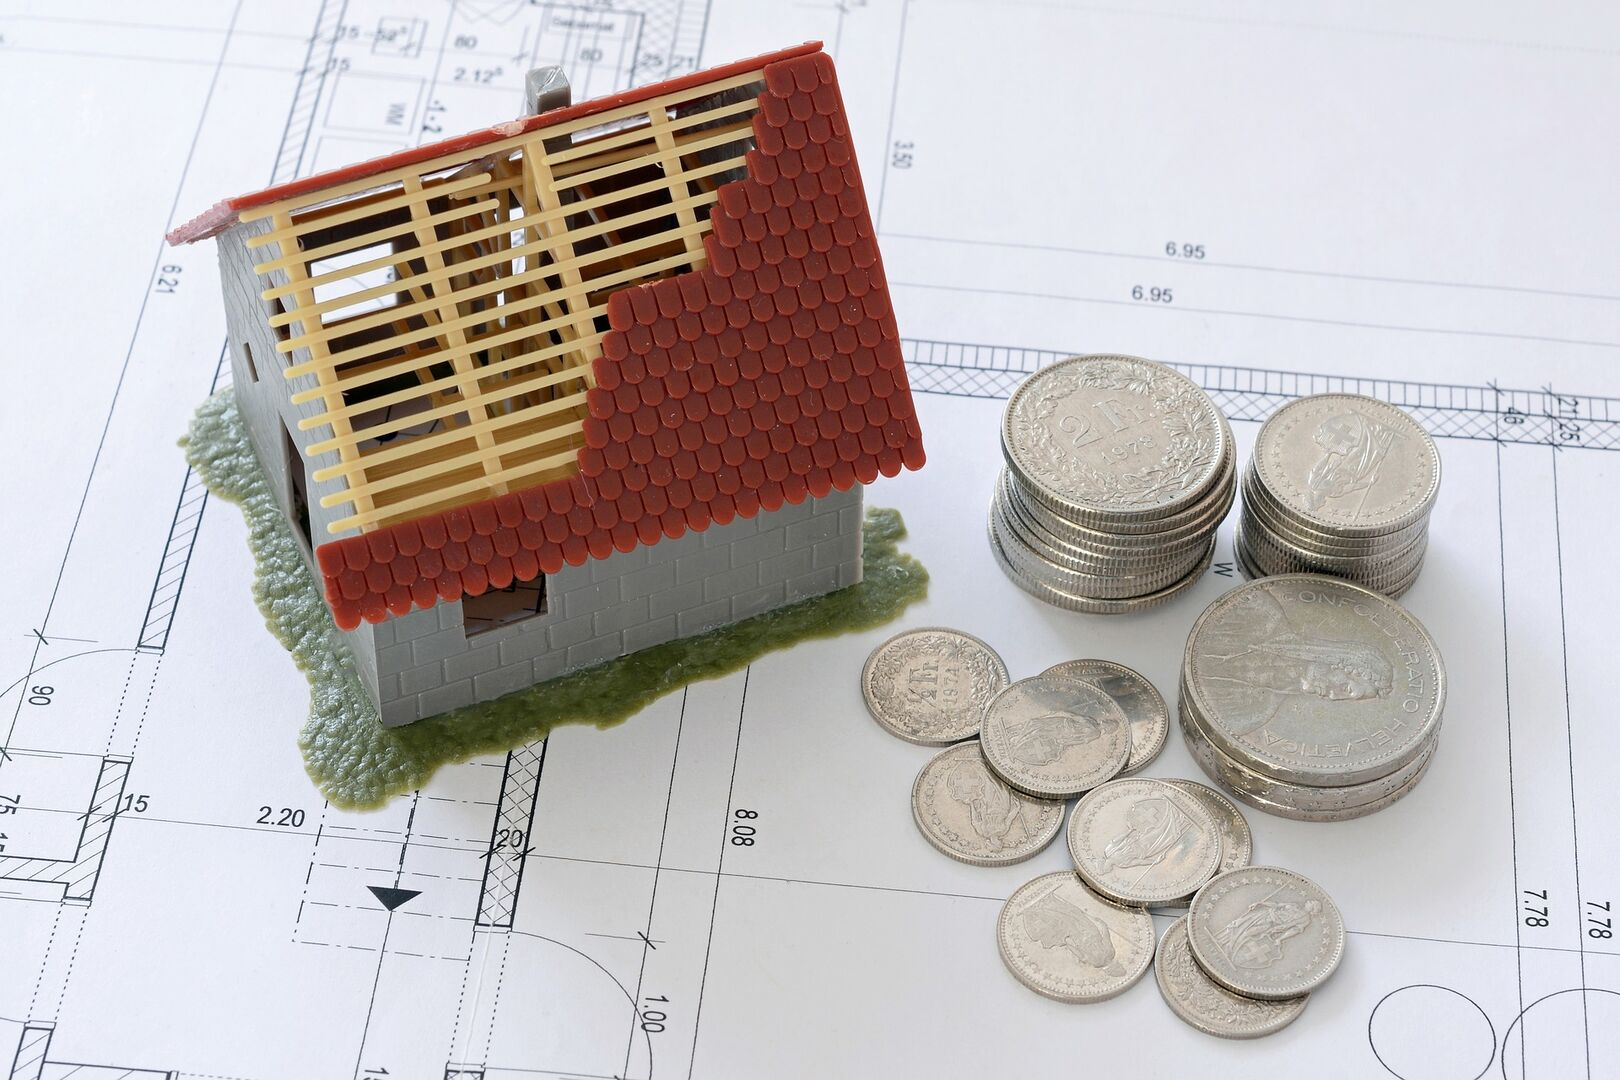 Hoe zit het met de WOZ-waarde van mijn huis?